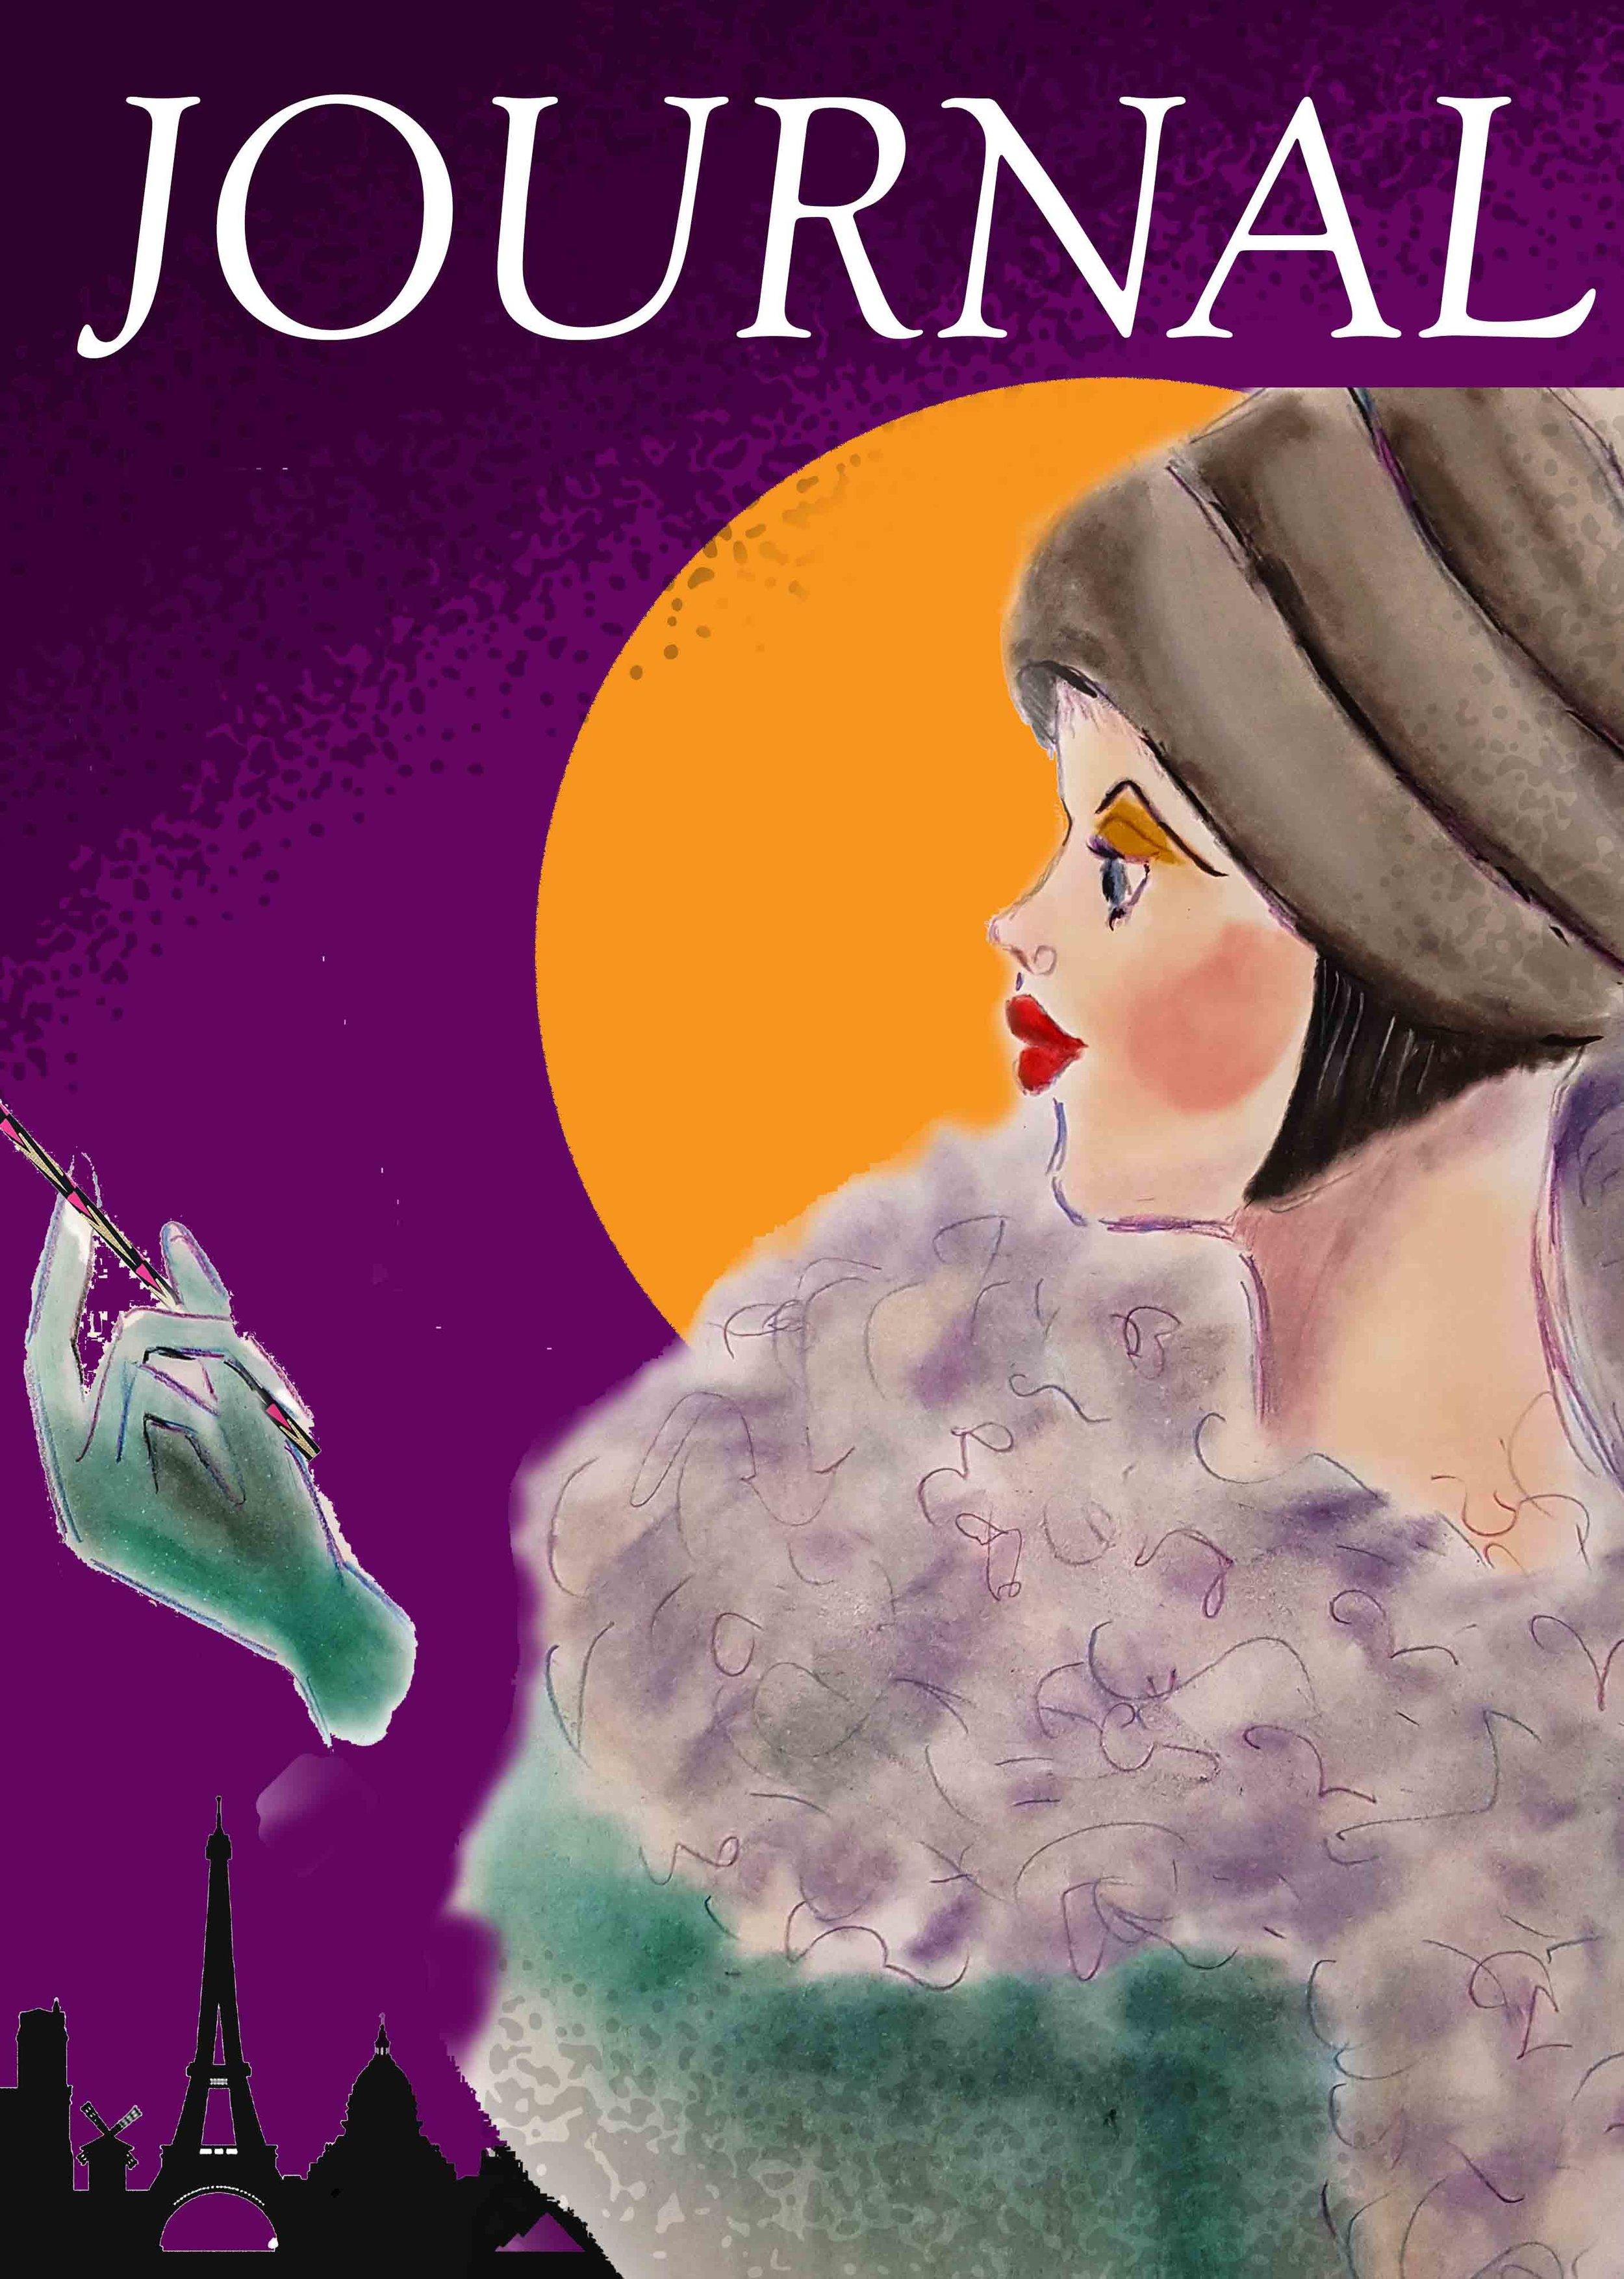 antoinette-1920s-flapperlady-journalcover.jpg